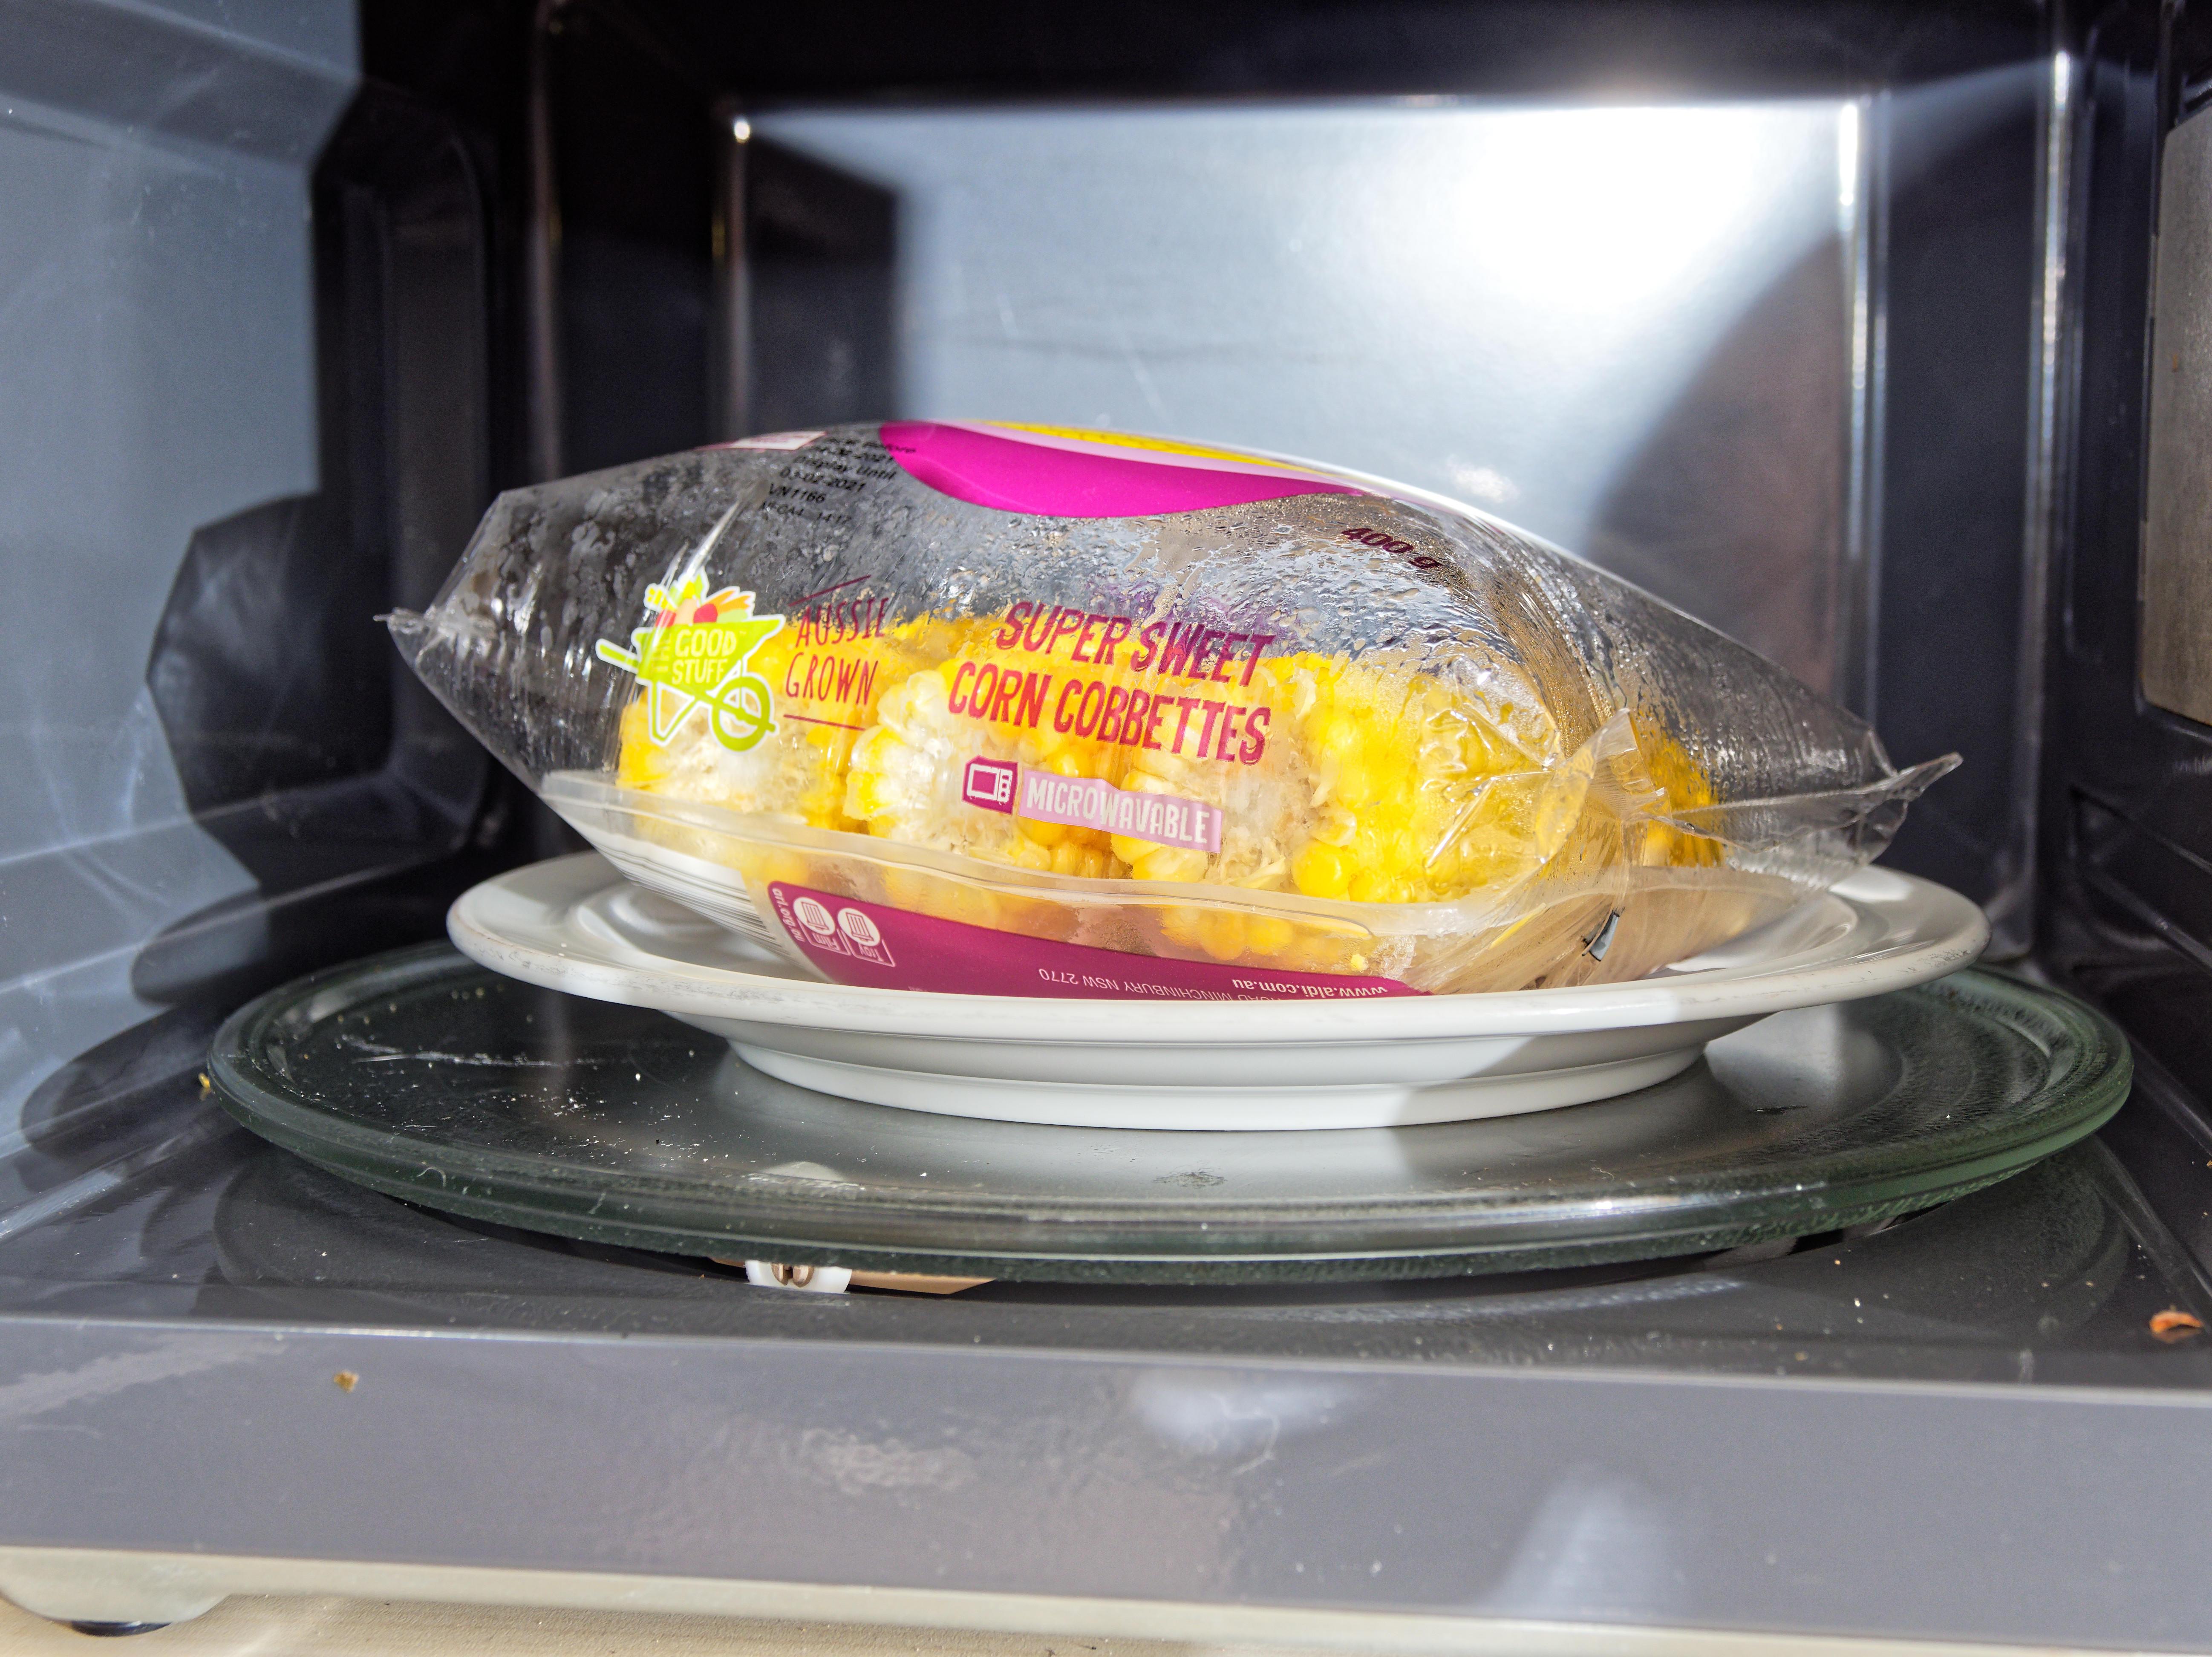 Microwave-maize-4.jpeg